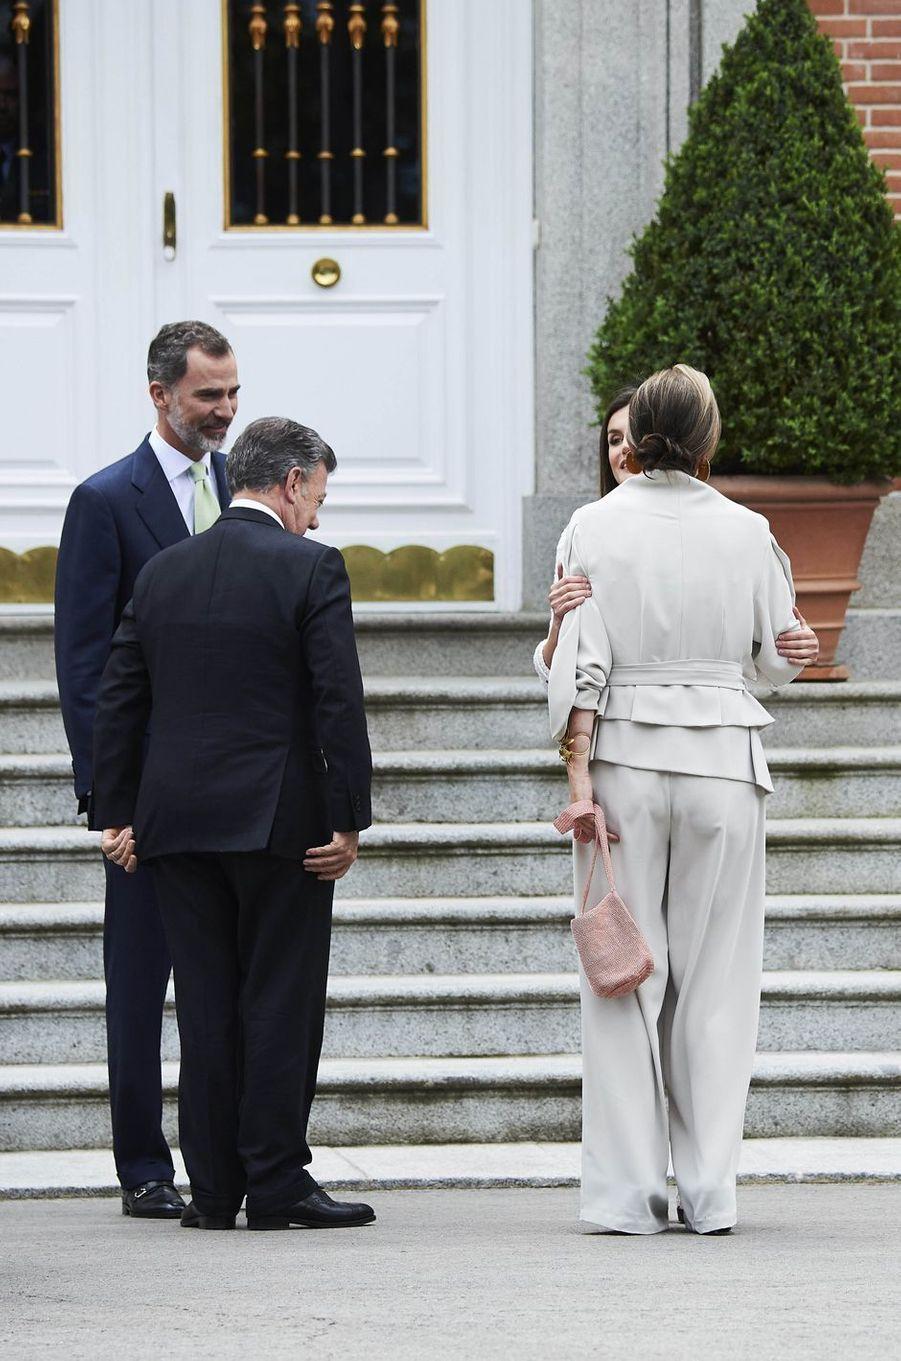 La reine Letizia et le roi Felipe VI d'Espagne accueillent le couple présidentiel colombien au palais de la Zarzuela à Madrid, le 14 mai 2018